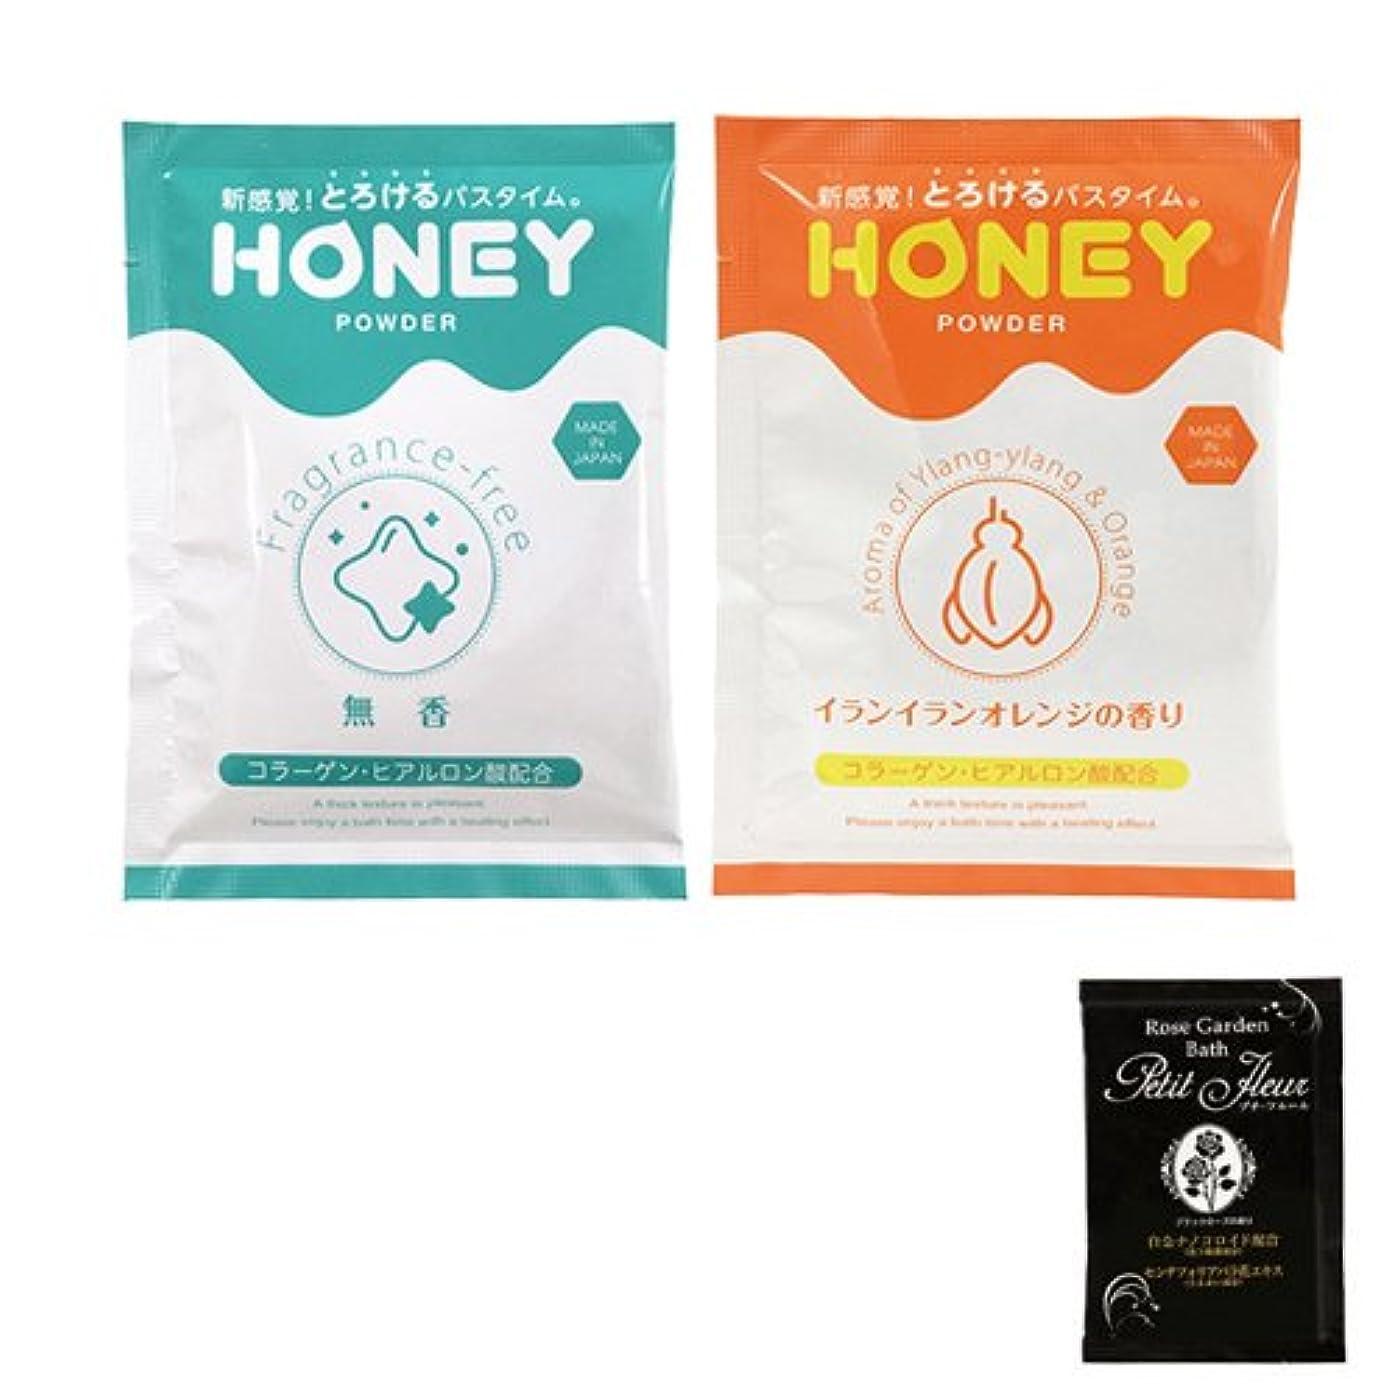 探検硬化するアソシエイトとろとろ入浴剤【honey powder】粉末タイプ イランイランオレンジの香り + 無香 + 入浴剤(プチフルール)1回分